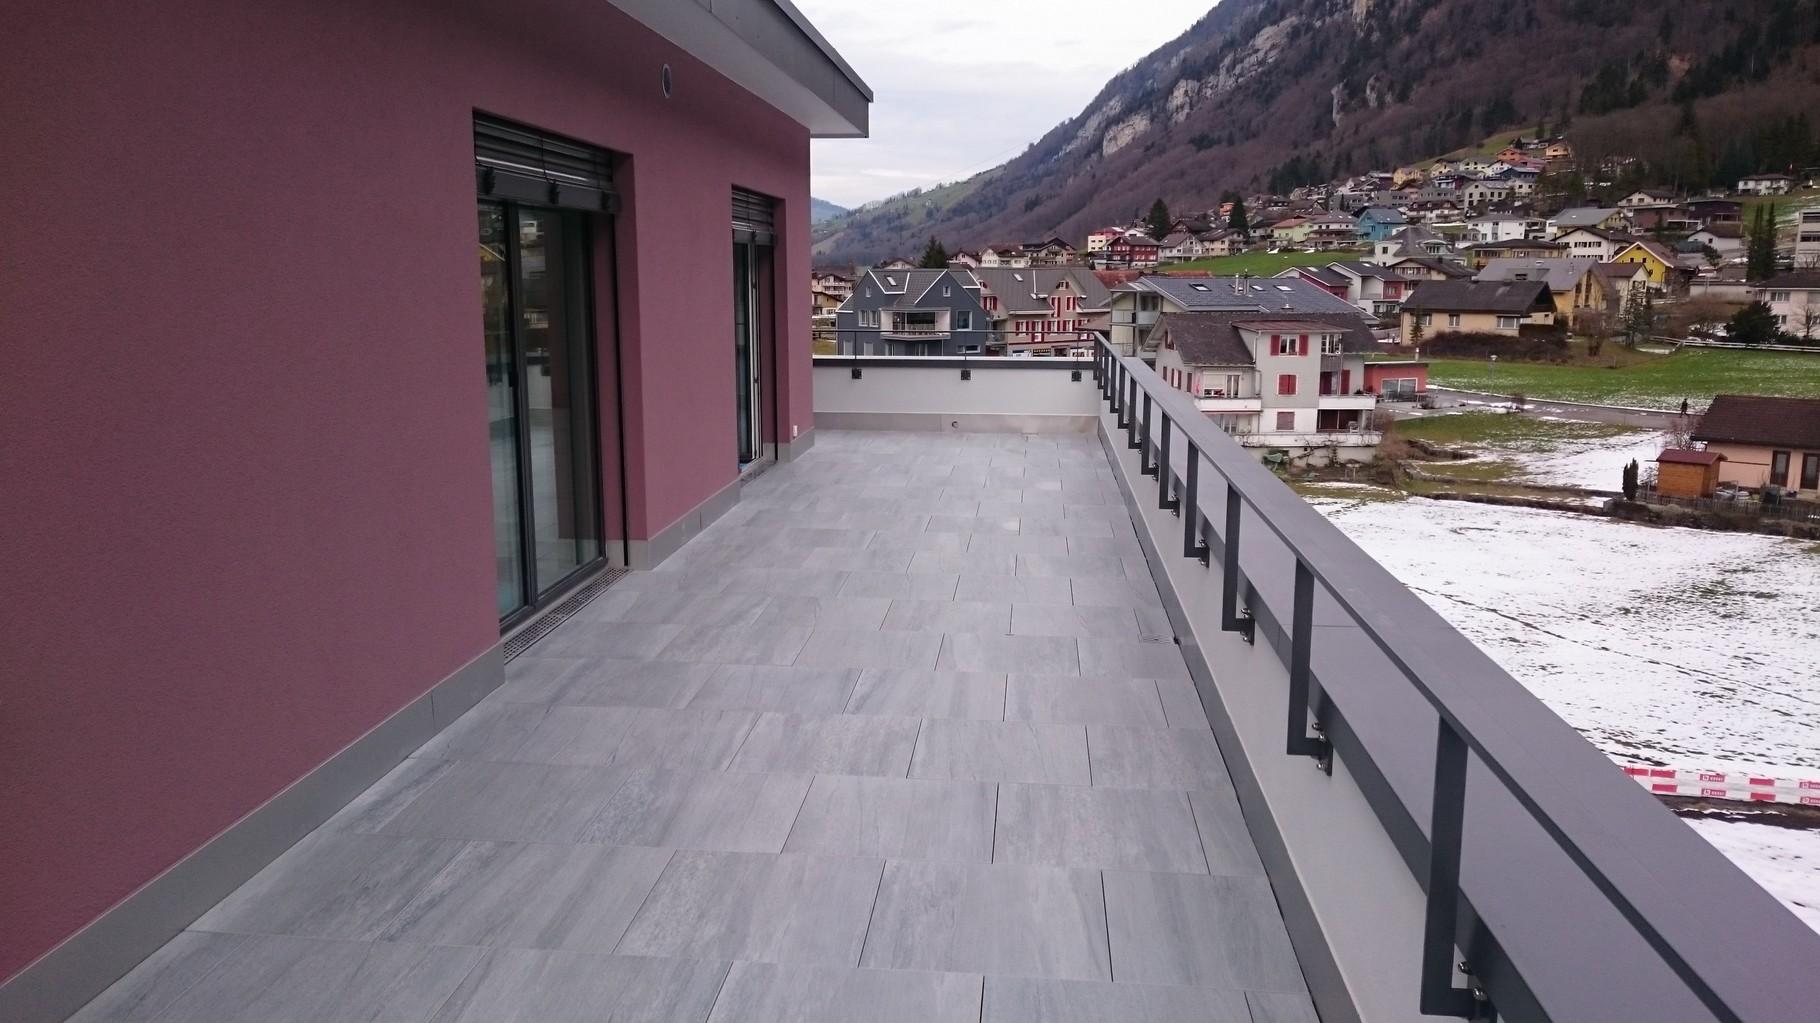 Mauerabdeckung Aluminium Pulverbeschichtet, Wolfenschiessen